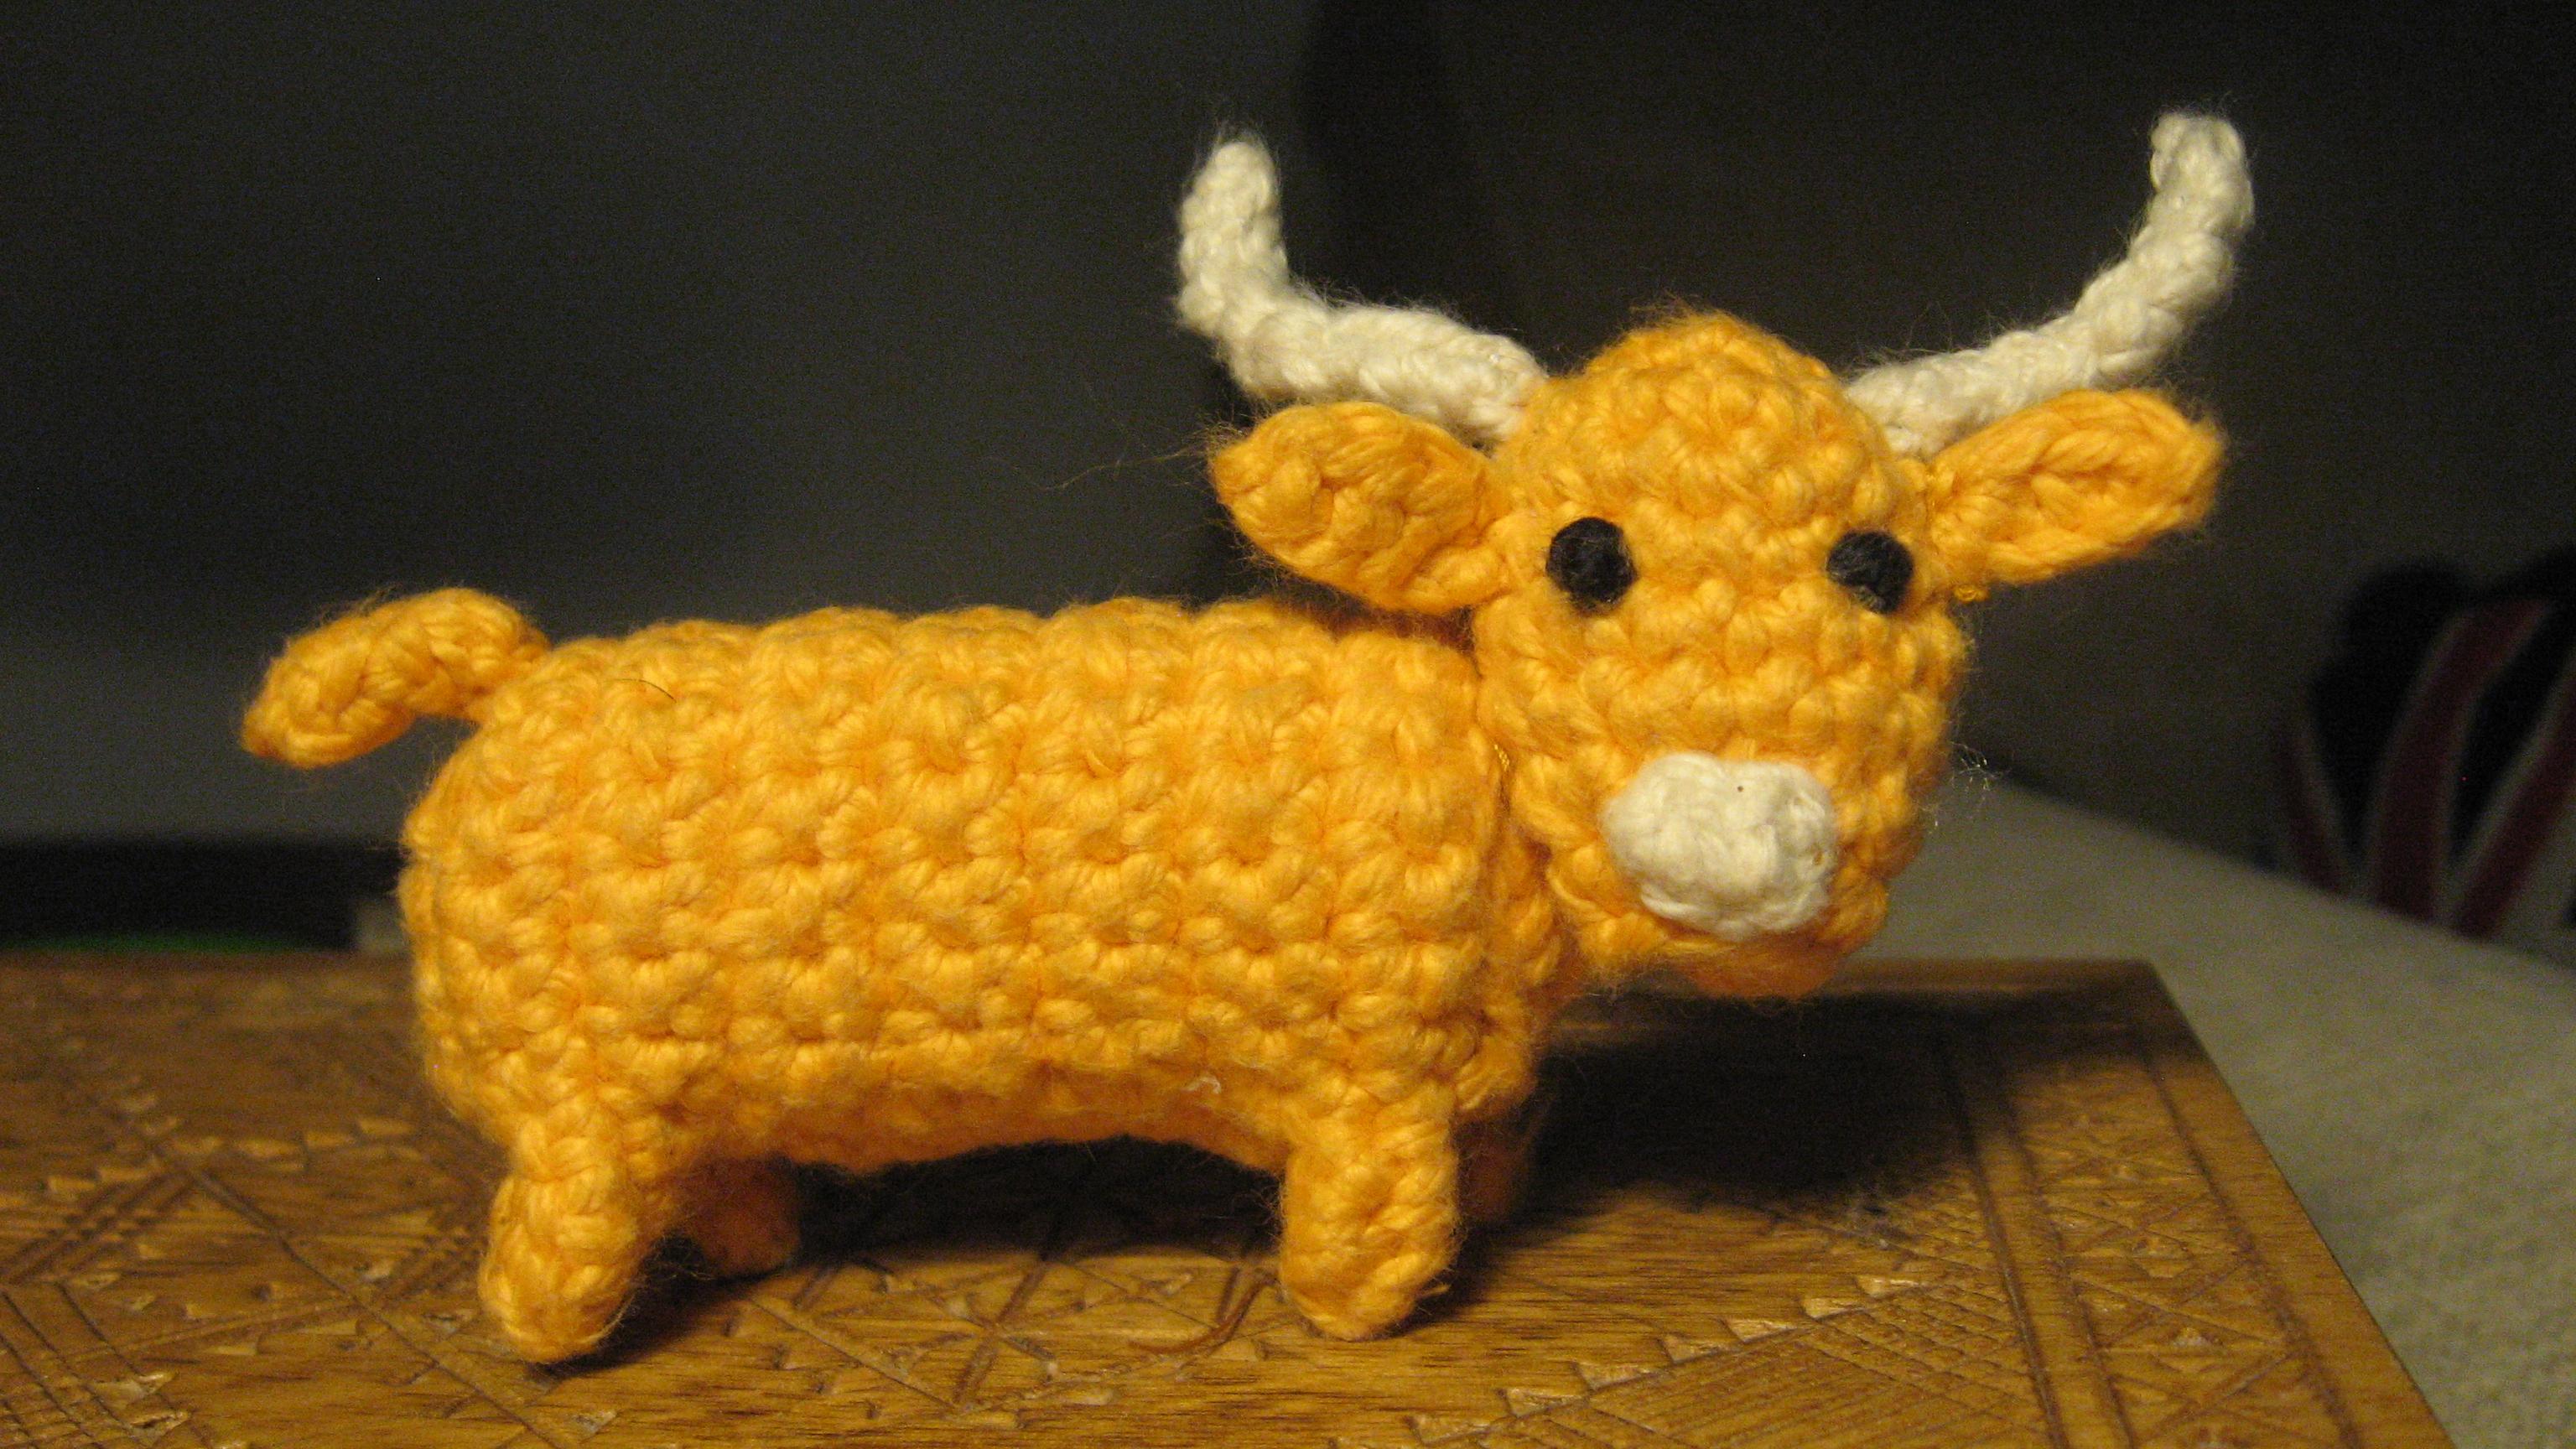 Amigurumi Highland Cow : Amigurumi. H?glandsboskap - Amigurumisar - alster ...